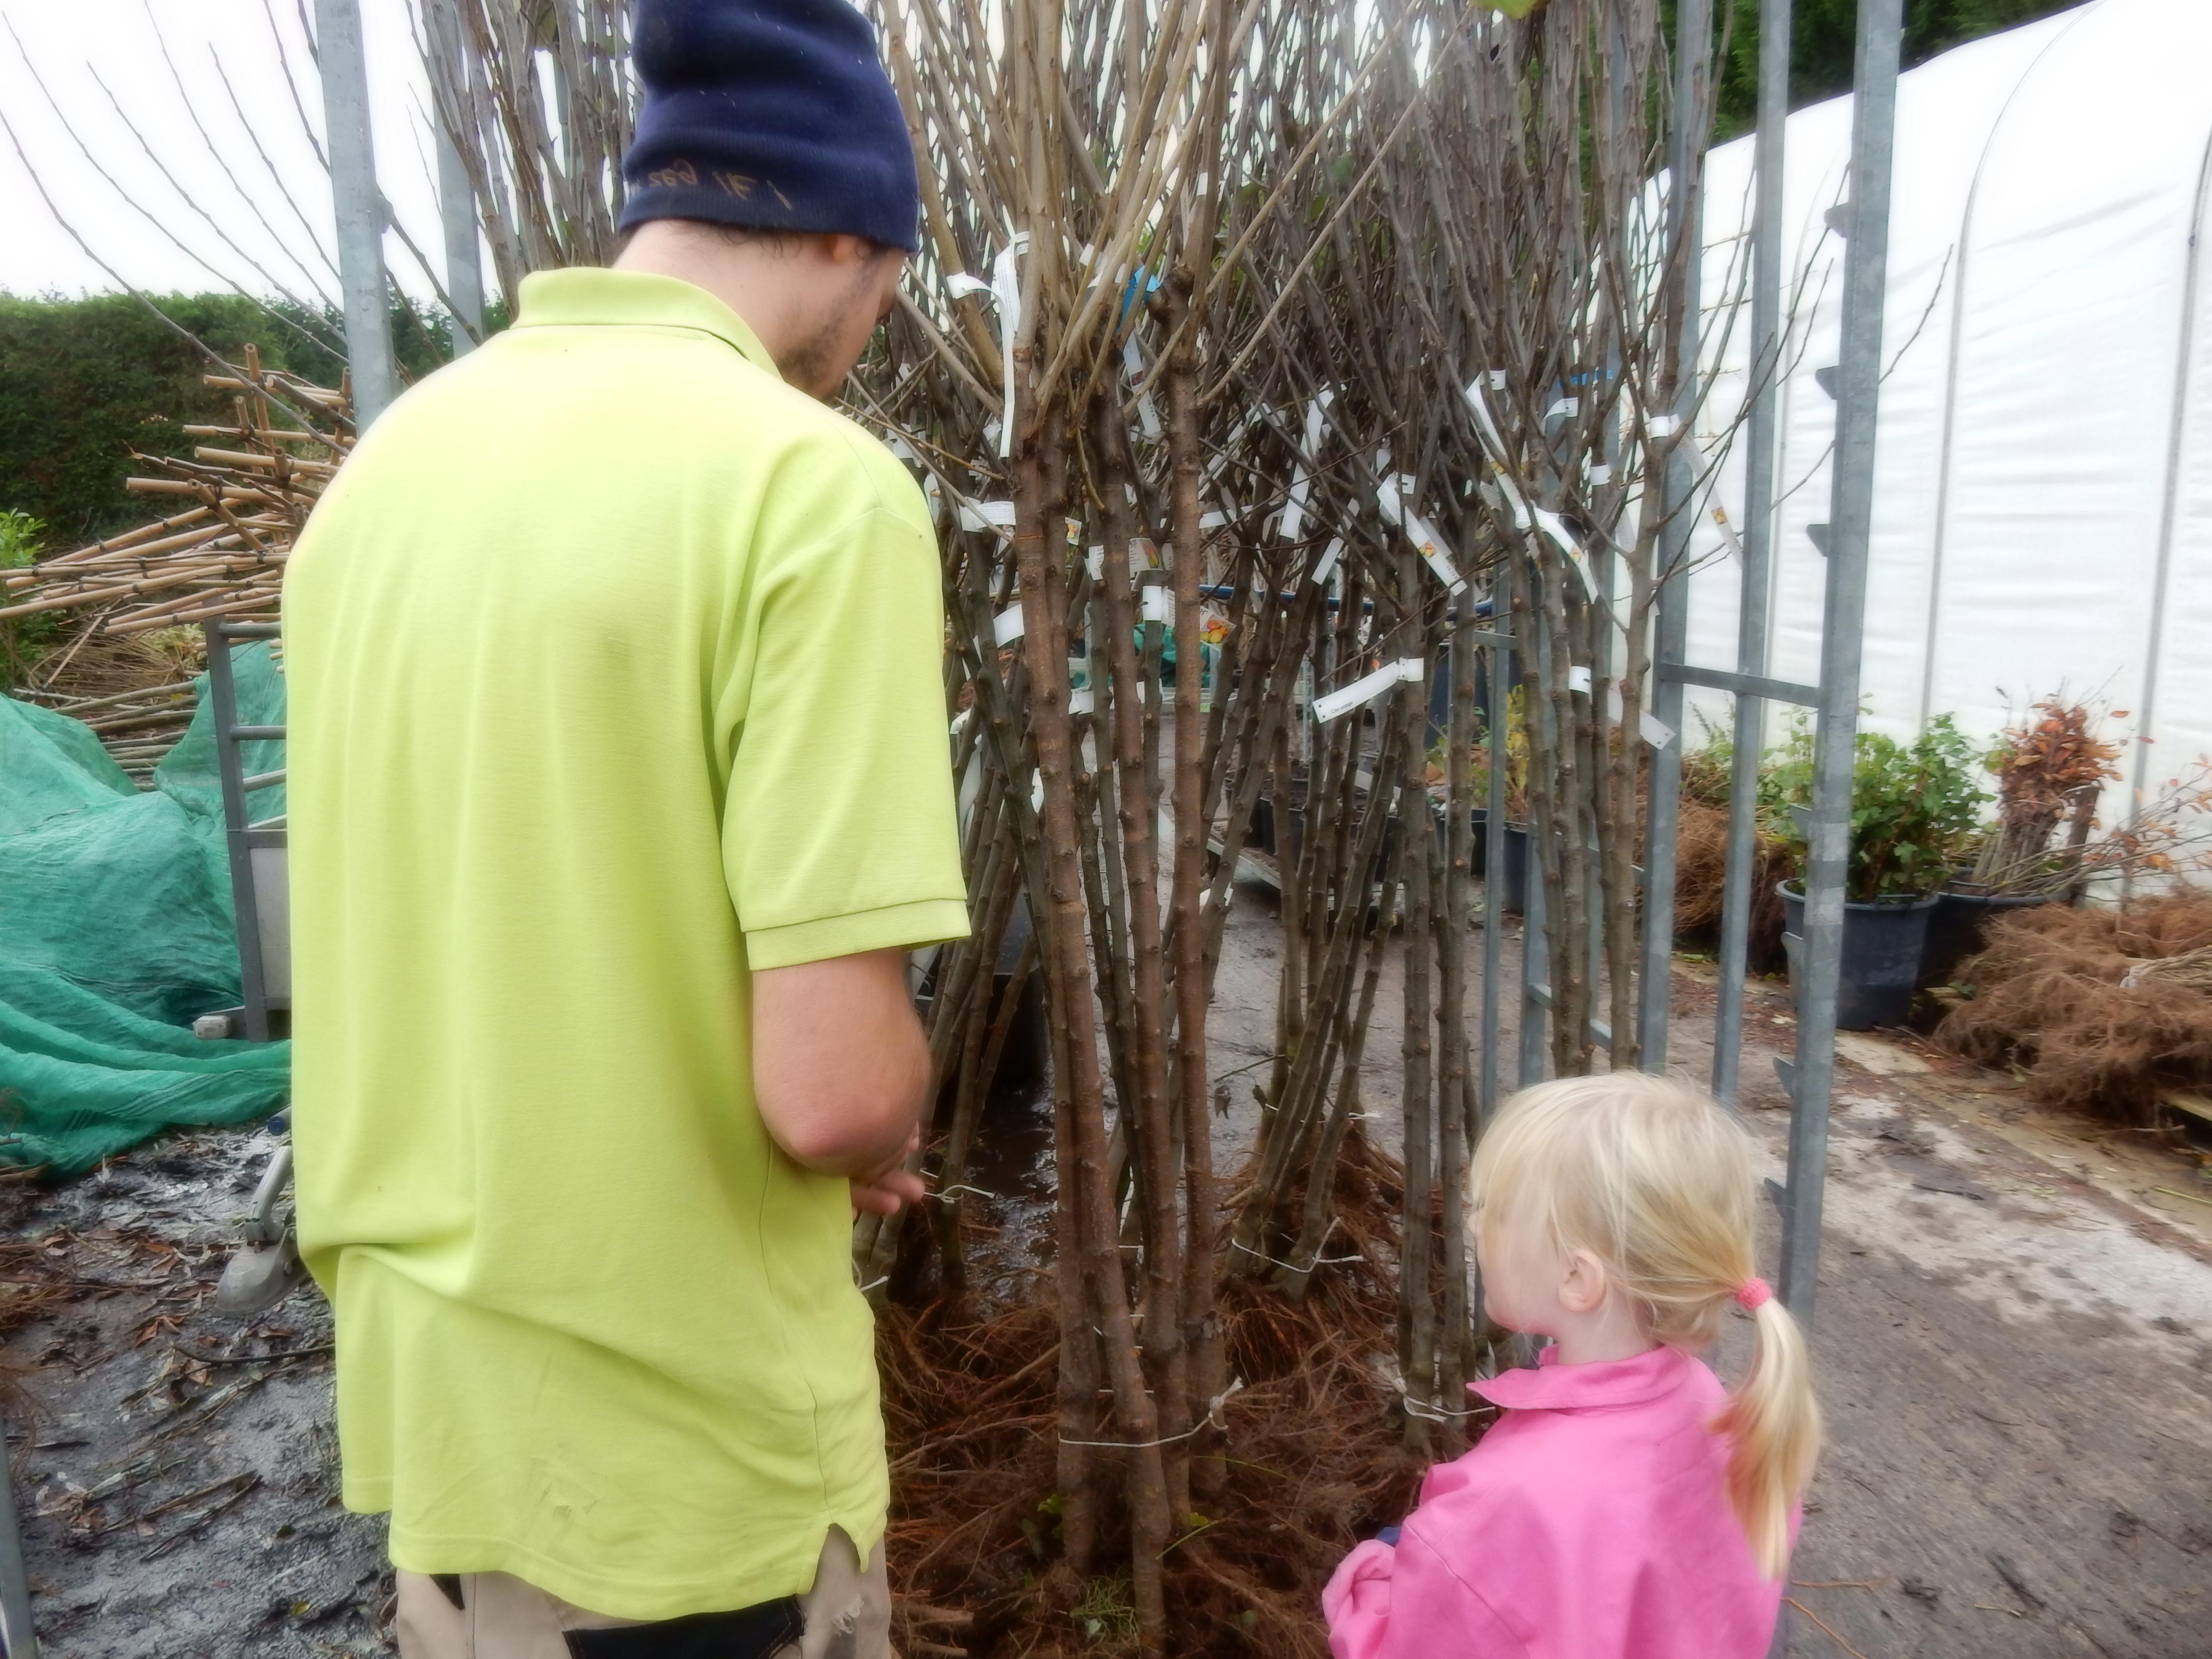 Willemijn en Thijs zoeken wat mooie fruitbomen uit. Nu kunnen fruitbomen met blote wortel worden geplant en is de keuze weer groot. (Foto: aangeleverd)